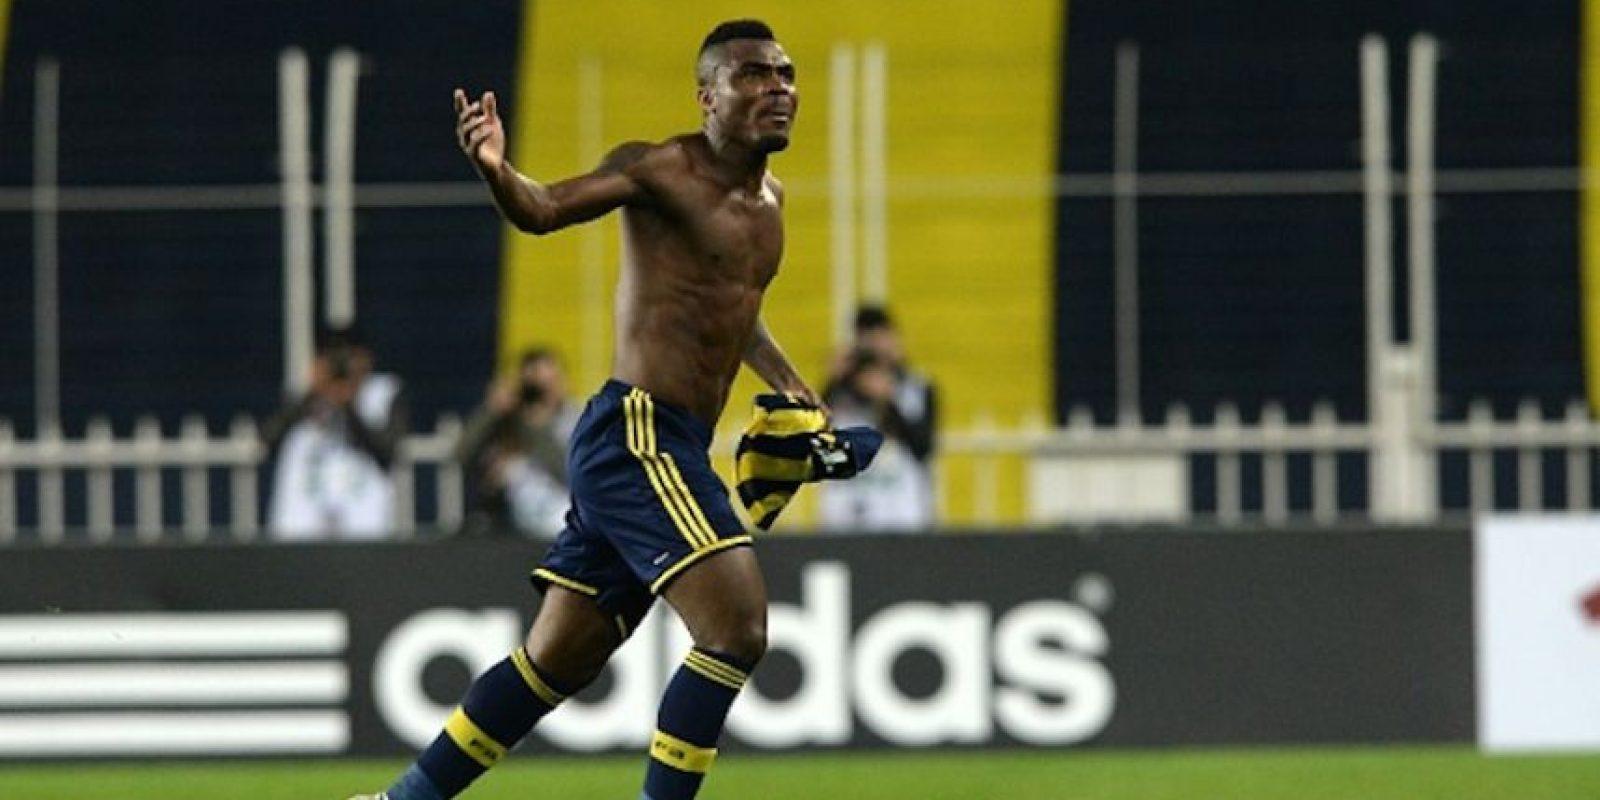 Este no ha sido el único caso de racismo en el fútbol, aquí recordamos algunos otros. Foto:Getty Images